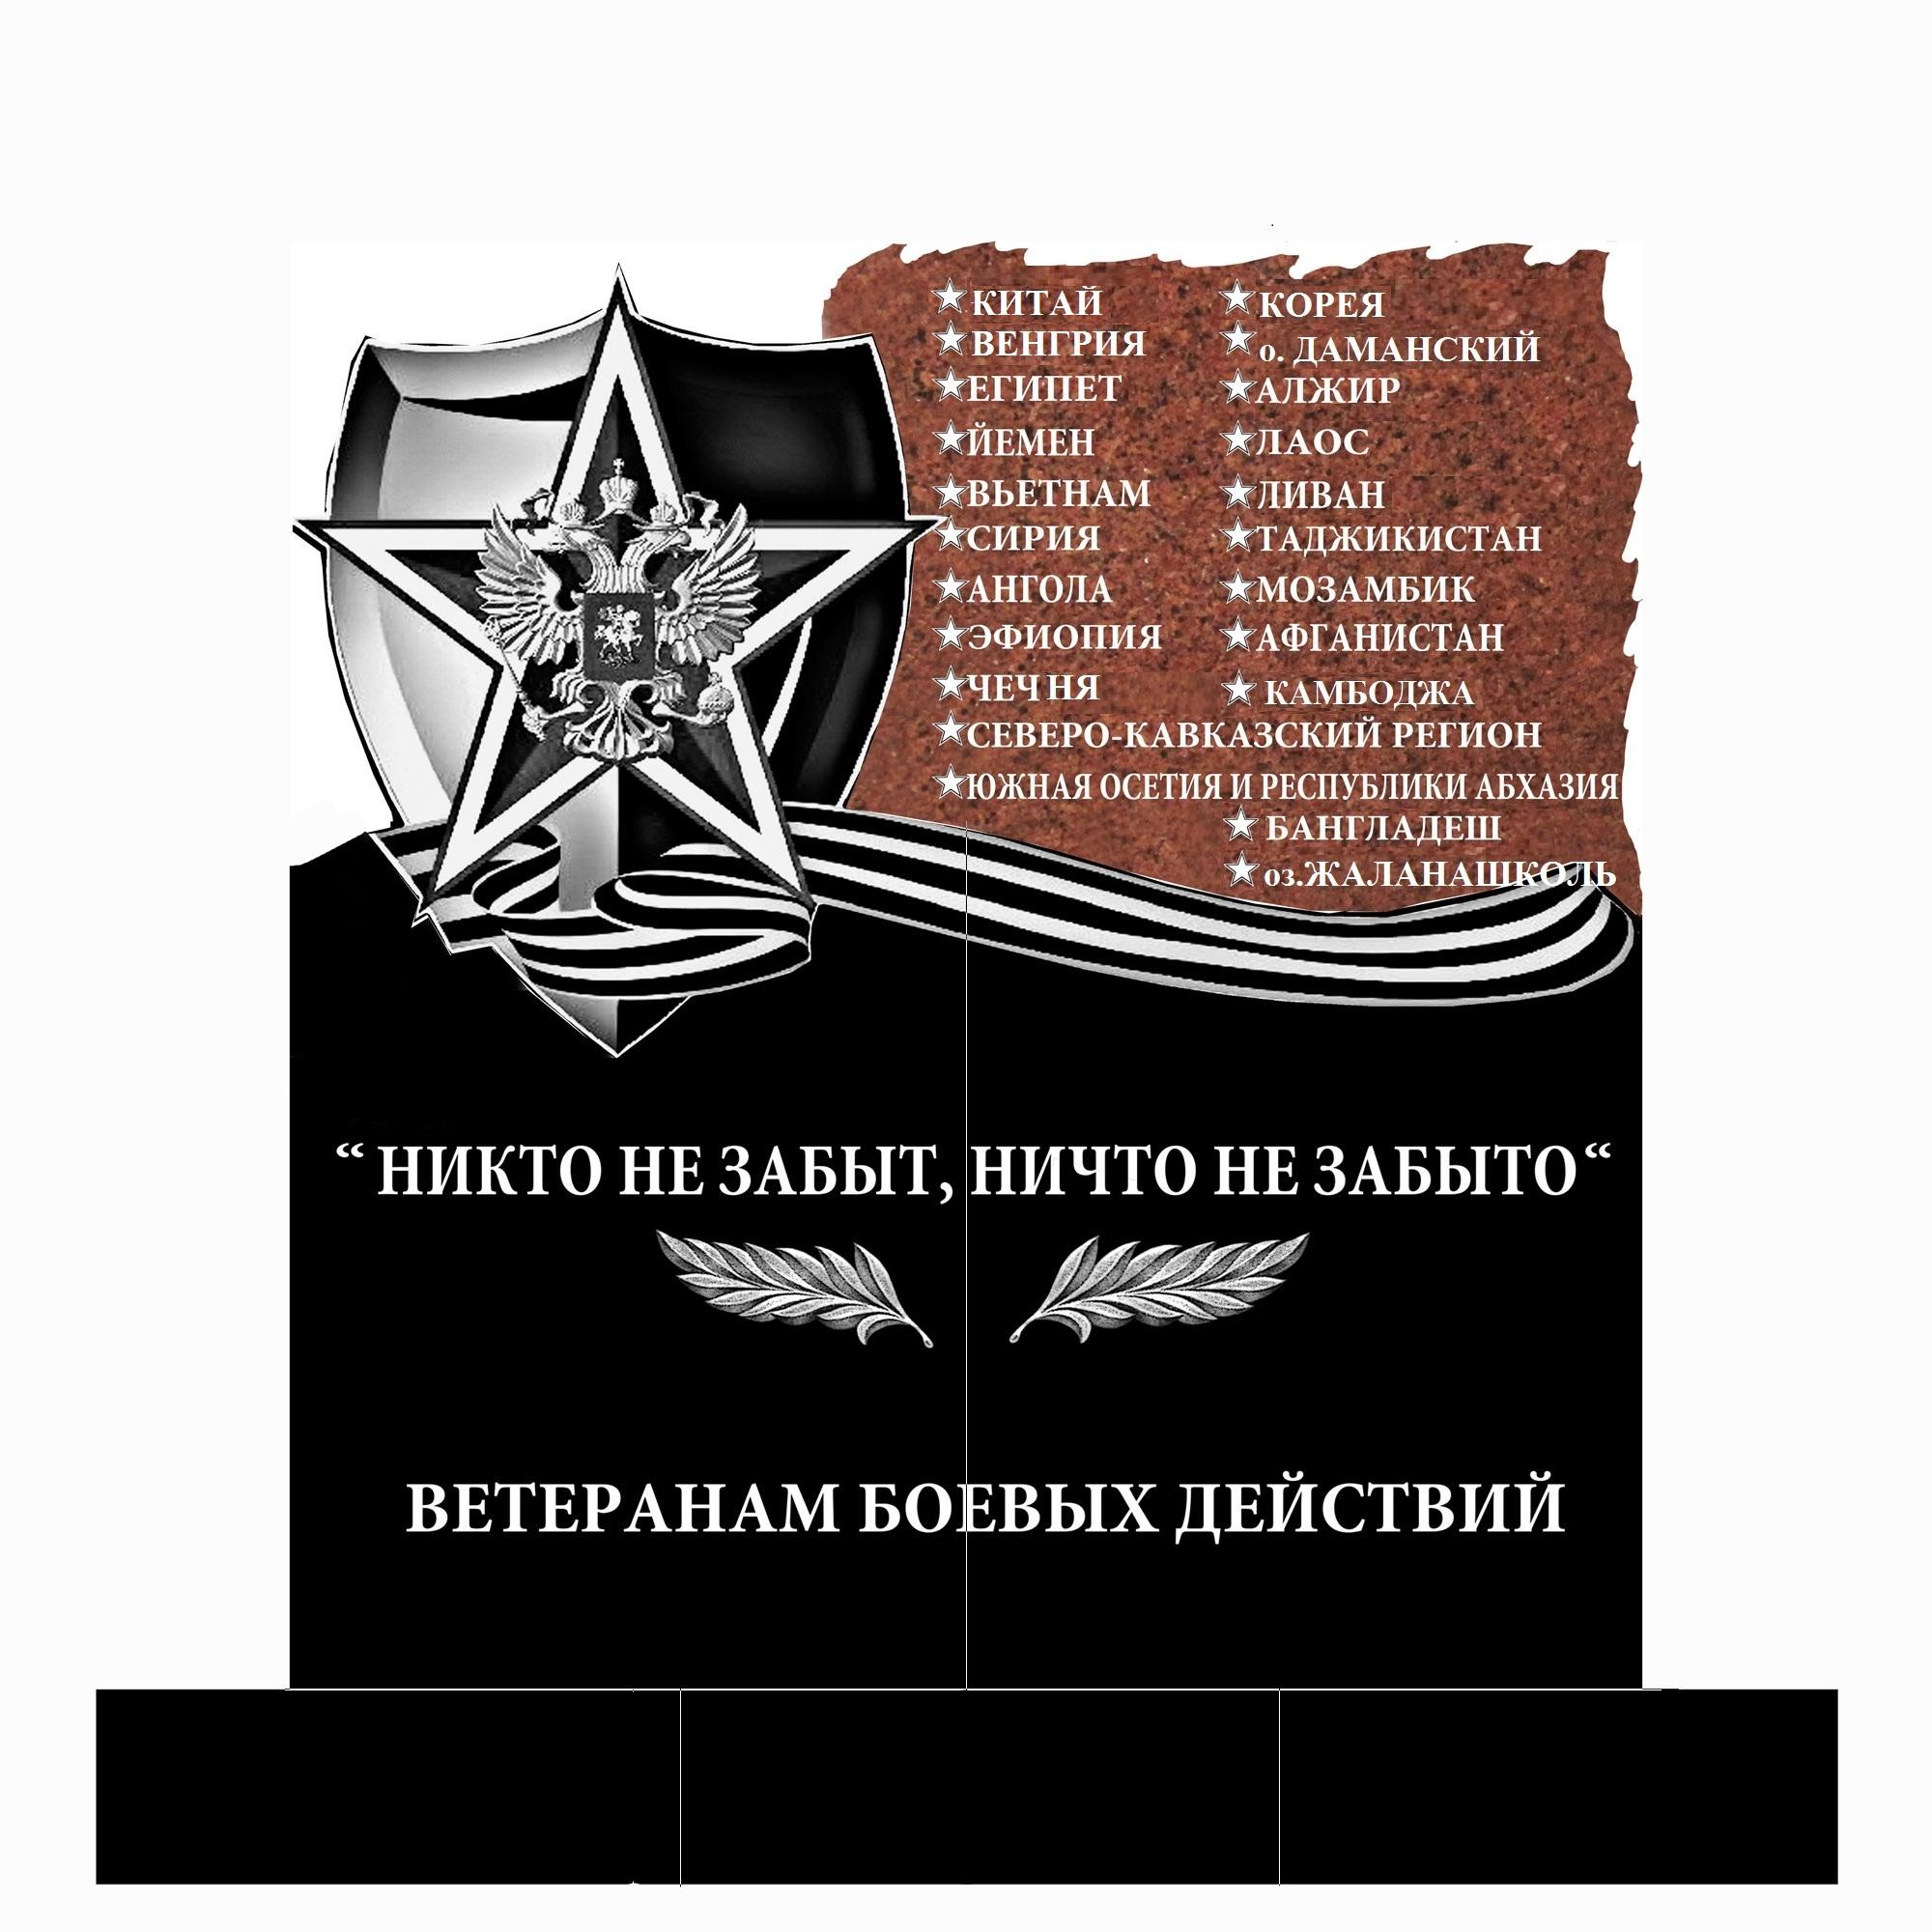 Поздравление на день ветерана боевых действий